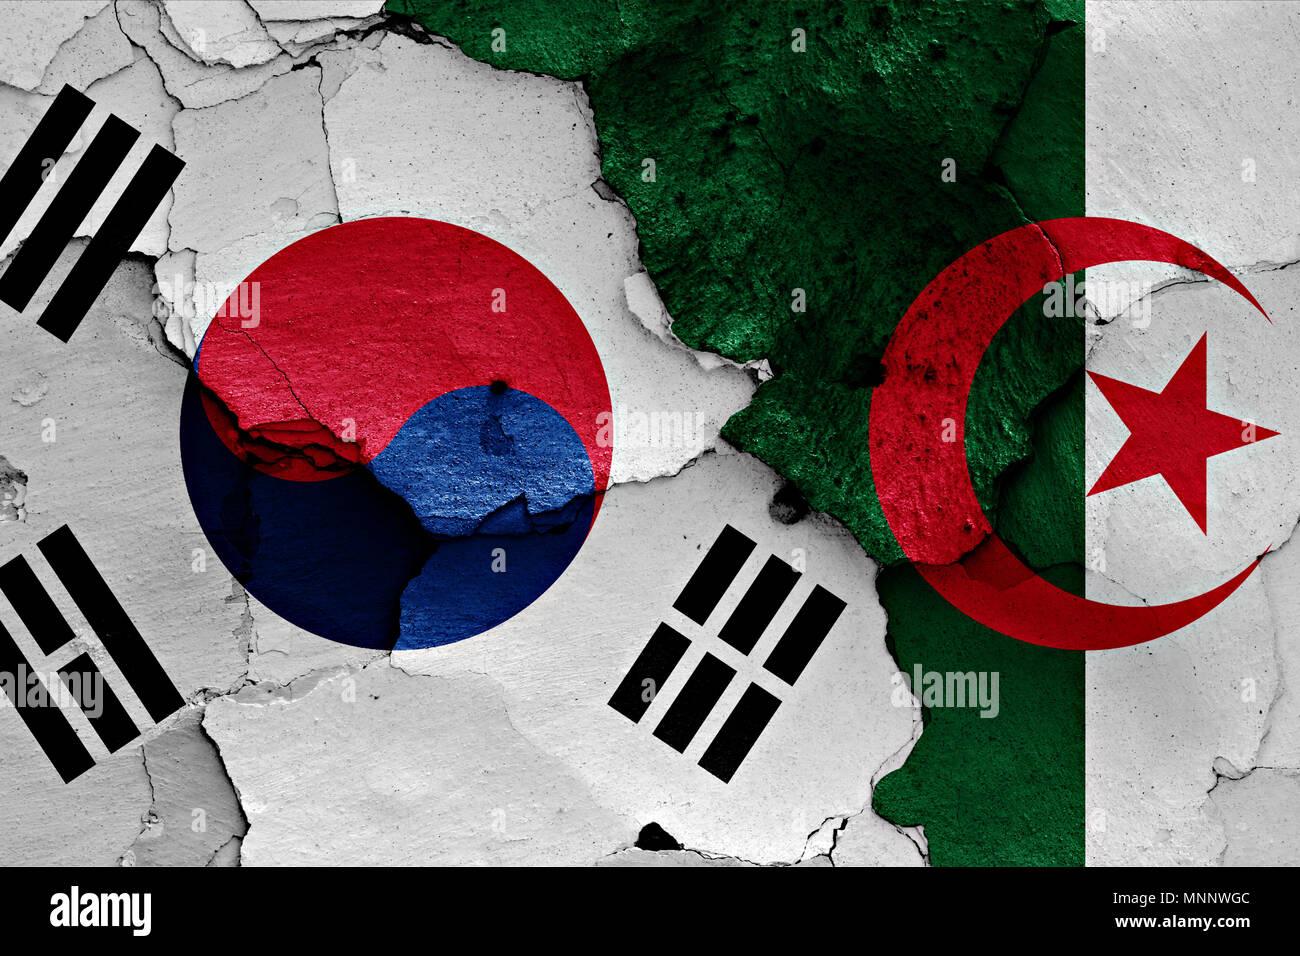 Les pavillons de la Corée du Sud et l'Algérie peint sur mur fissuré Photo Stock